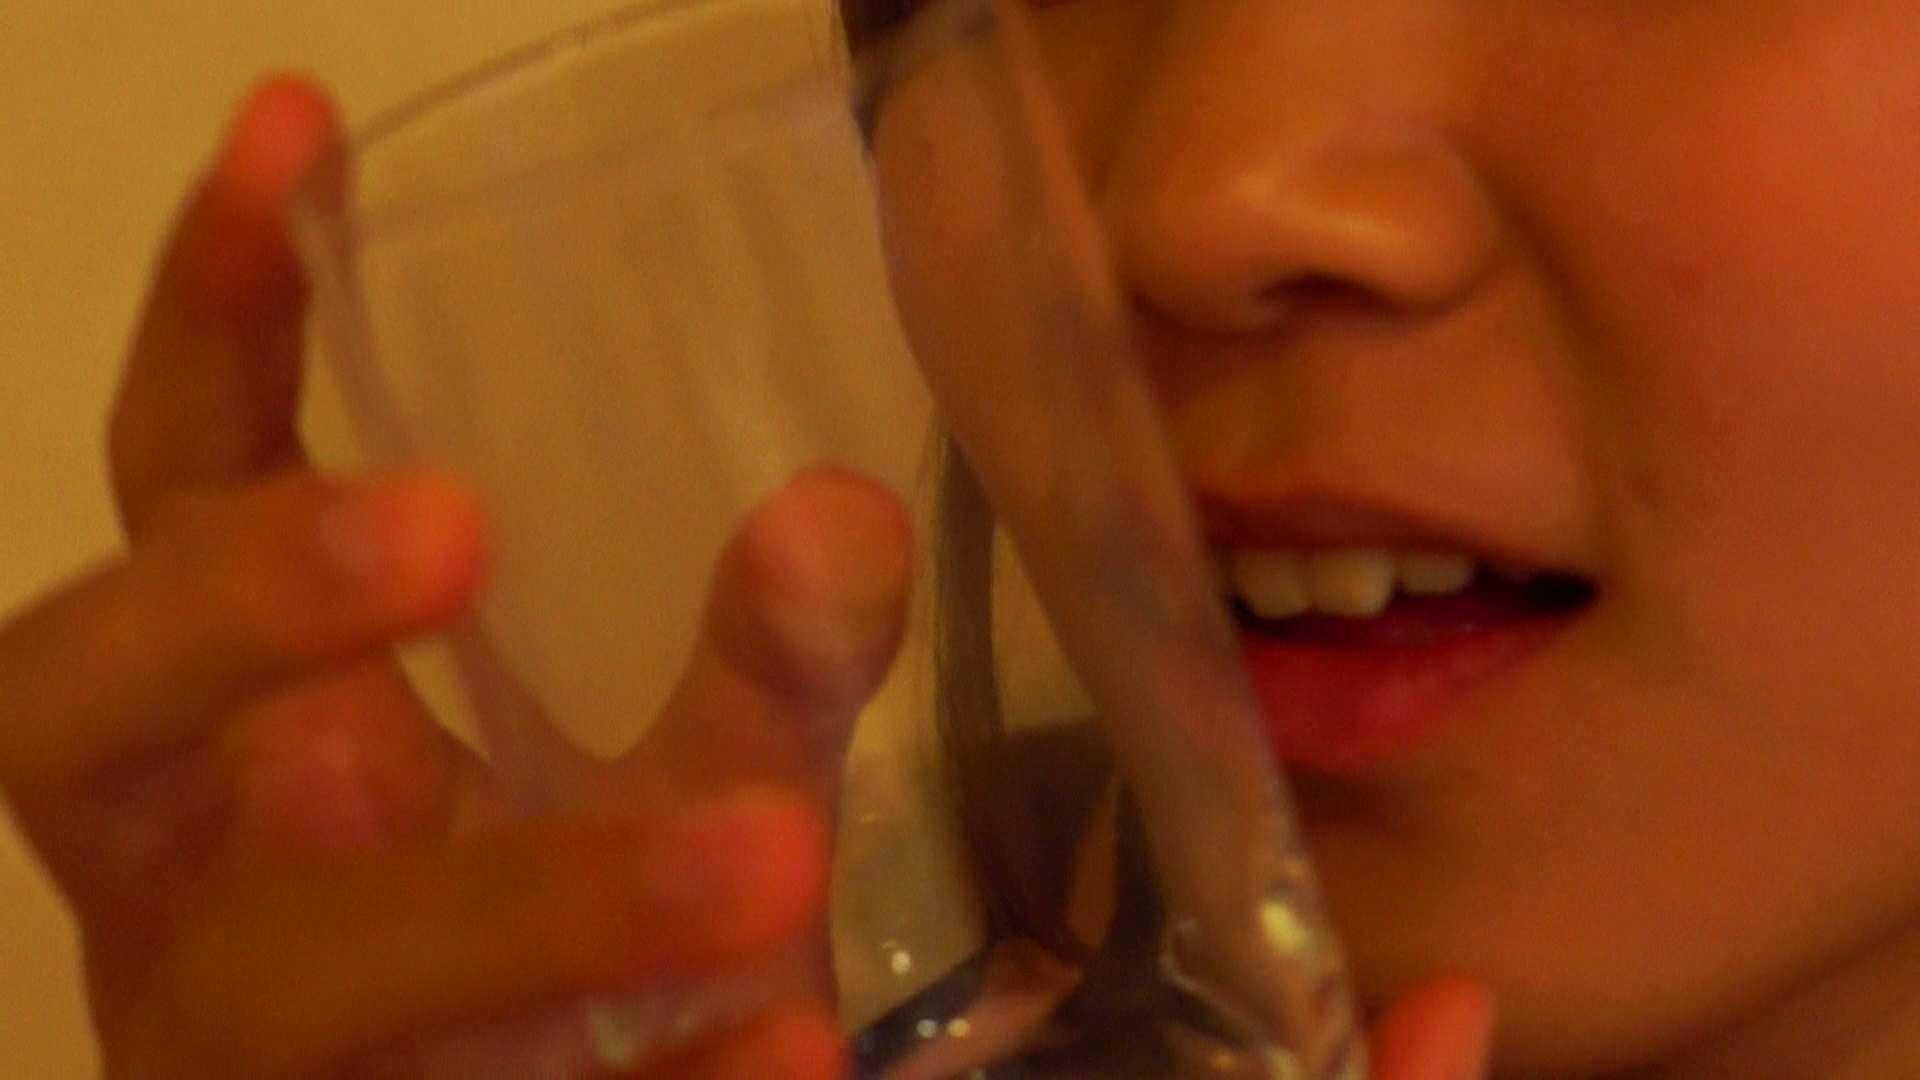 vol.12 瑞希ちゃんにコップを舐めてもらいました。 OLのエッチ  101pic 54